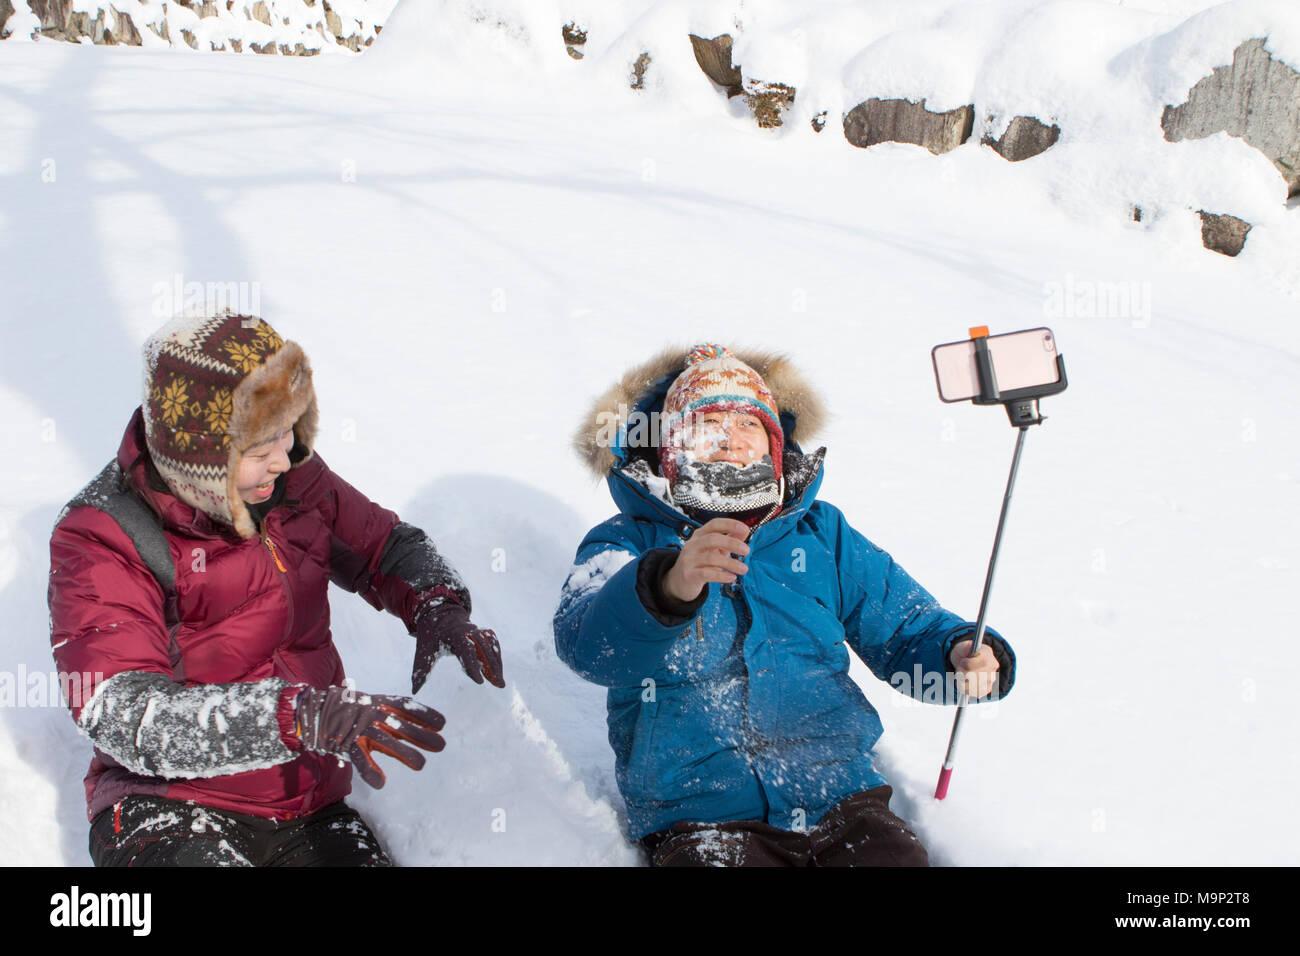 Ein junges Paar ist im Schnee spielen in Seoraksan Nationalpark, Gangwon-do, Südkorea. Das Mädchen warf nur einen Schneeball im Gesicht von ihrem Freund, der Filmen mit einem Smart Phone auf einem selfie stick ist. Seoraksan ist ein schönes und iconic National Park in den Bergen in der Nähe von Sokcho in der Region Gangwon-do in Südkorea. Der Name bezieht sich auf verschneite Felsen bergen. Satz gegen die Landschaft sind zwei Buddhistische Tempel: Sinheung-sa und Beakdam-sa. Diese Region ist Gastgeber der Olympischen Winterspiele im Februar 2018. Seoraksan ist ein schönes und iconic National Park in den Bergen in der Nähe von Sokcho im Stockbild